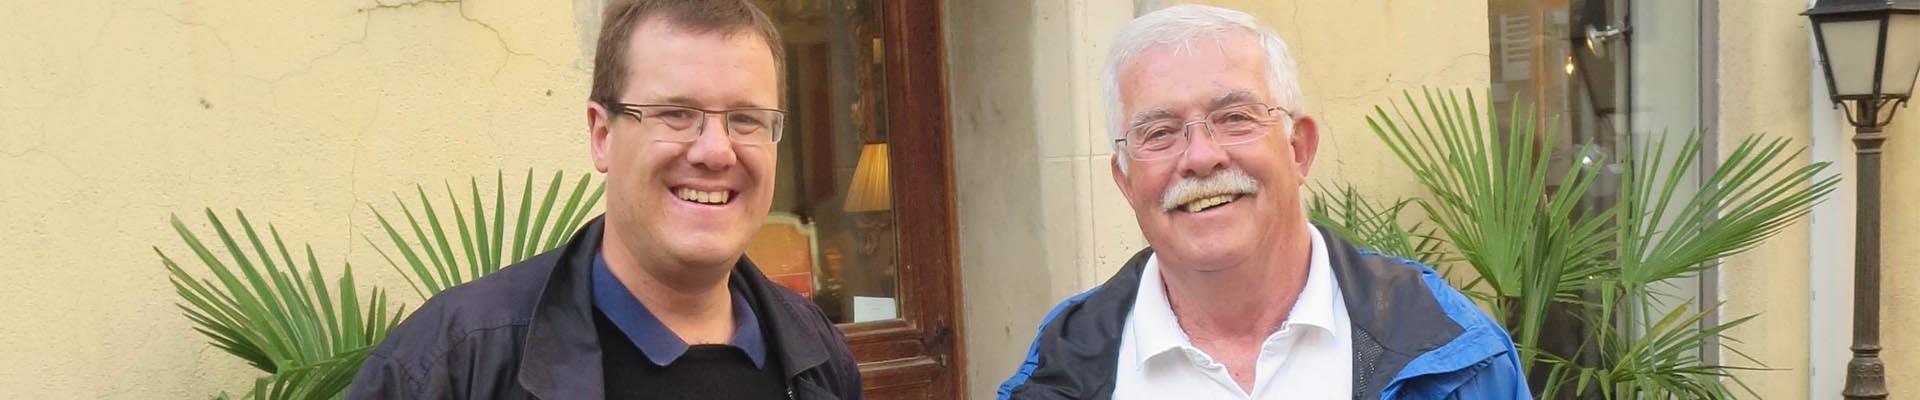 Conviértete en Greeters en Versalles